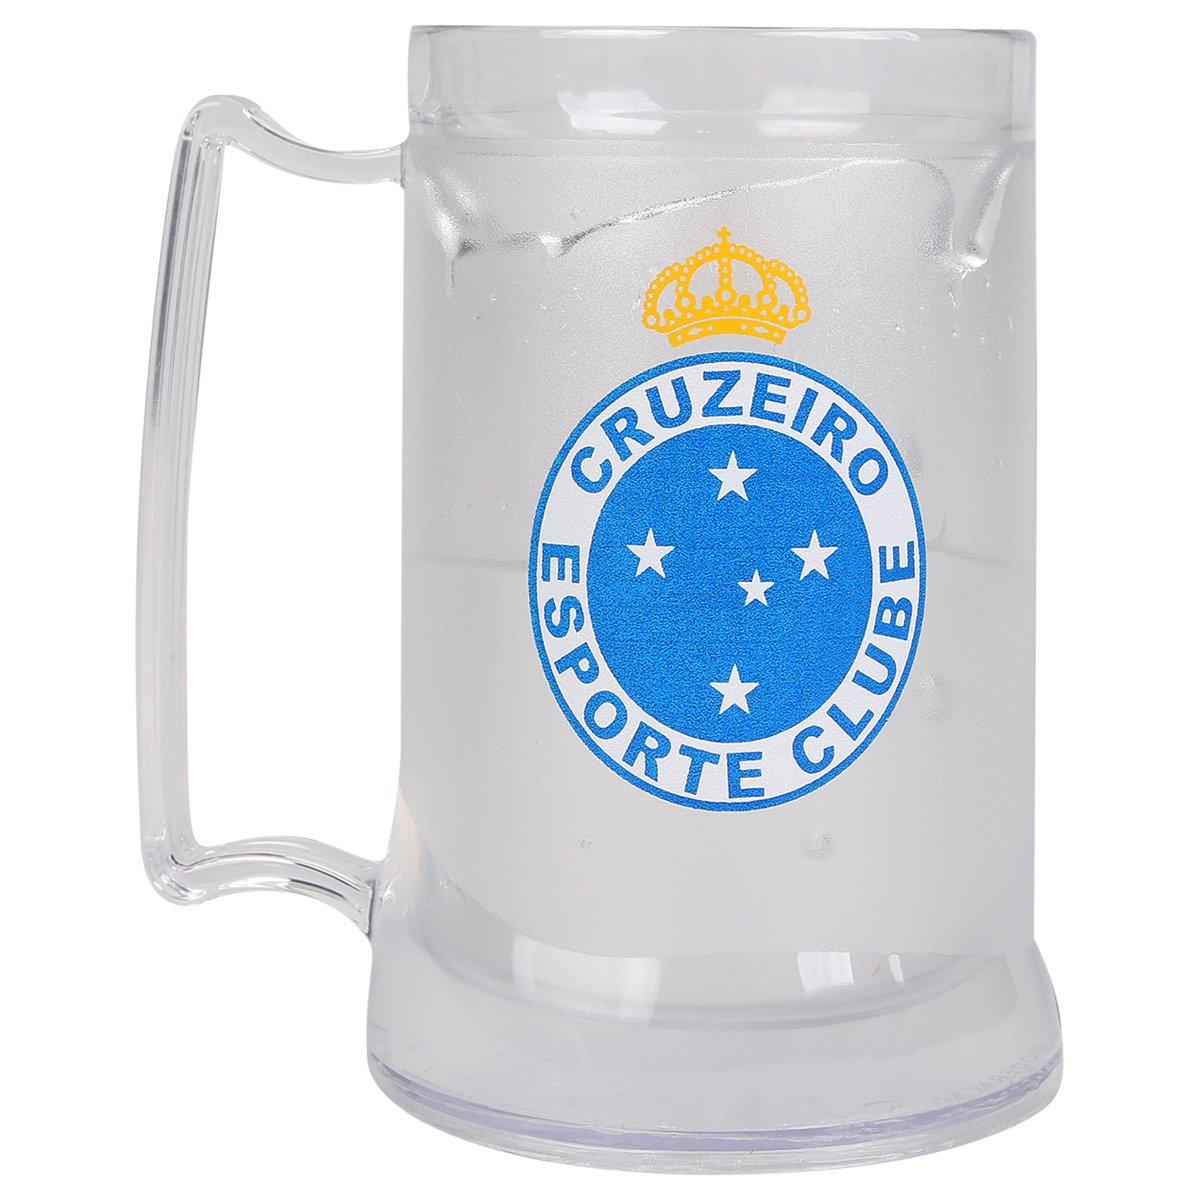 Caneca Cruzeiro Gel Incolor Escudo 400 ml - Compre Agora  842cbb660f1f2